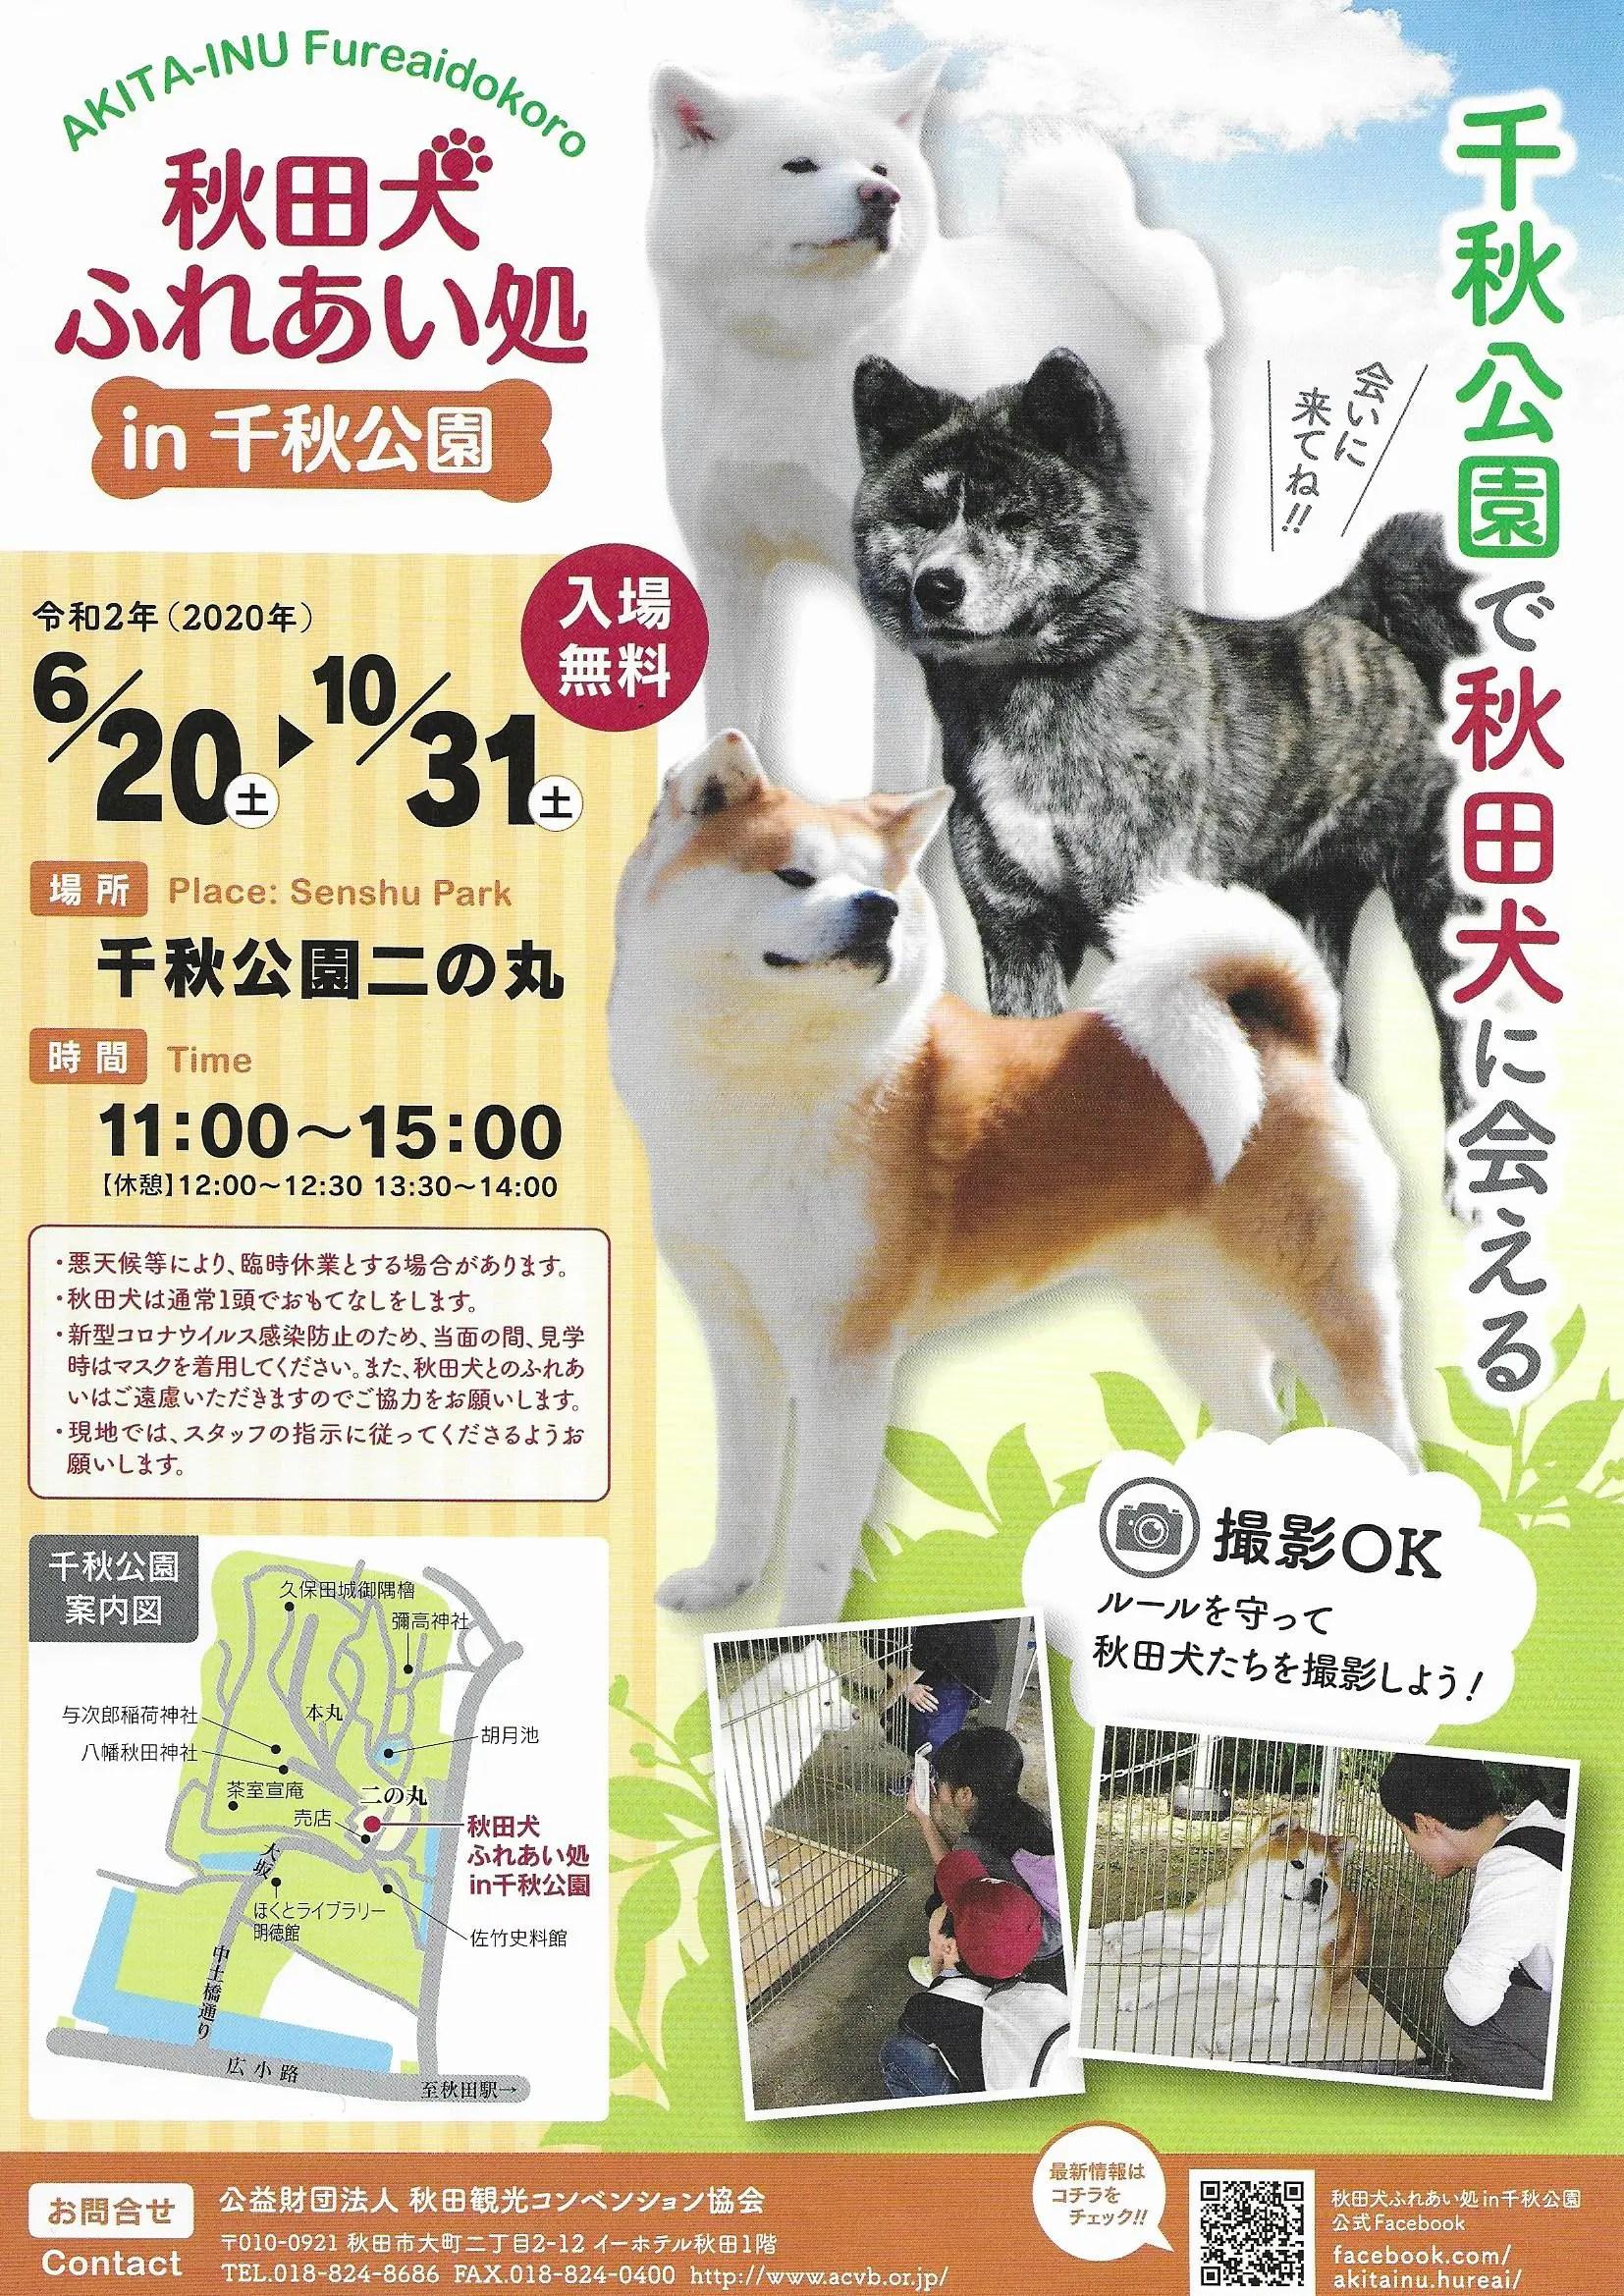 秋田犬ふれあい処イン千秋公園